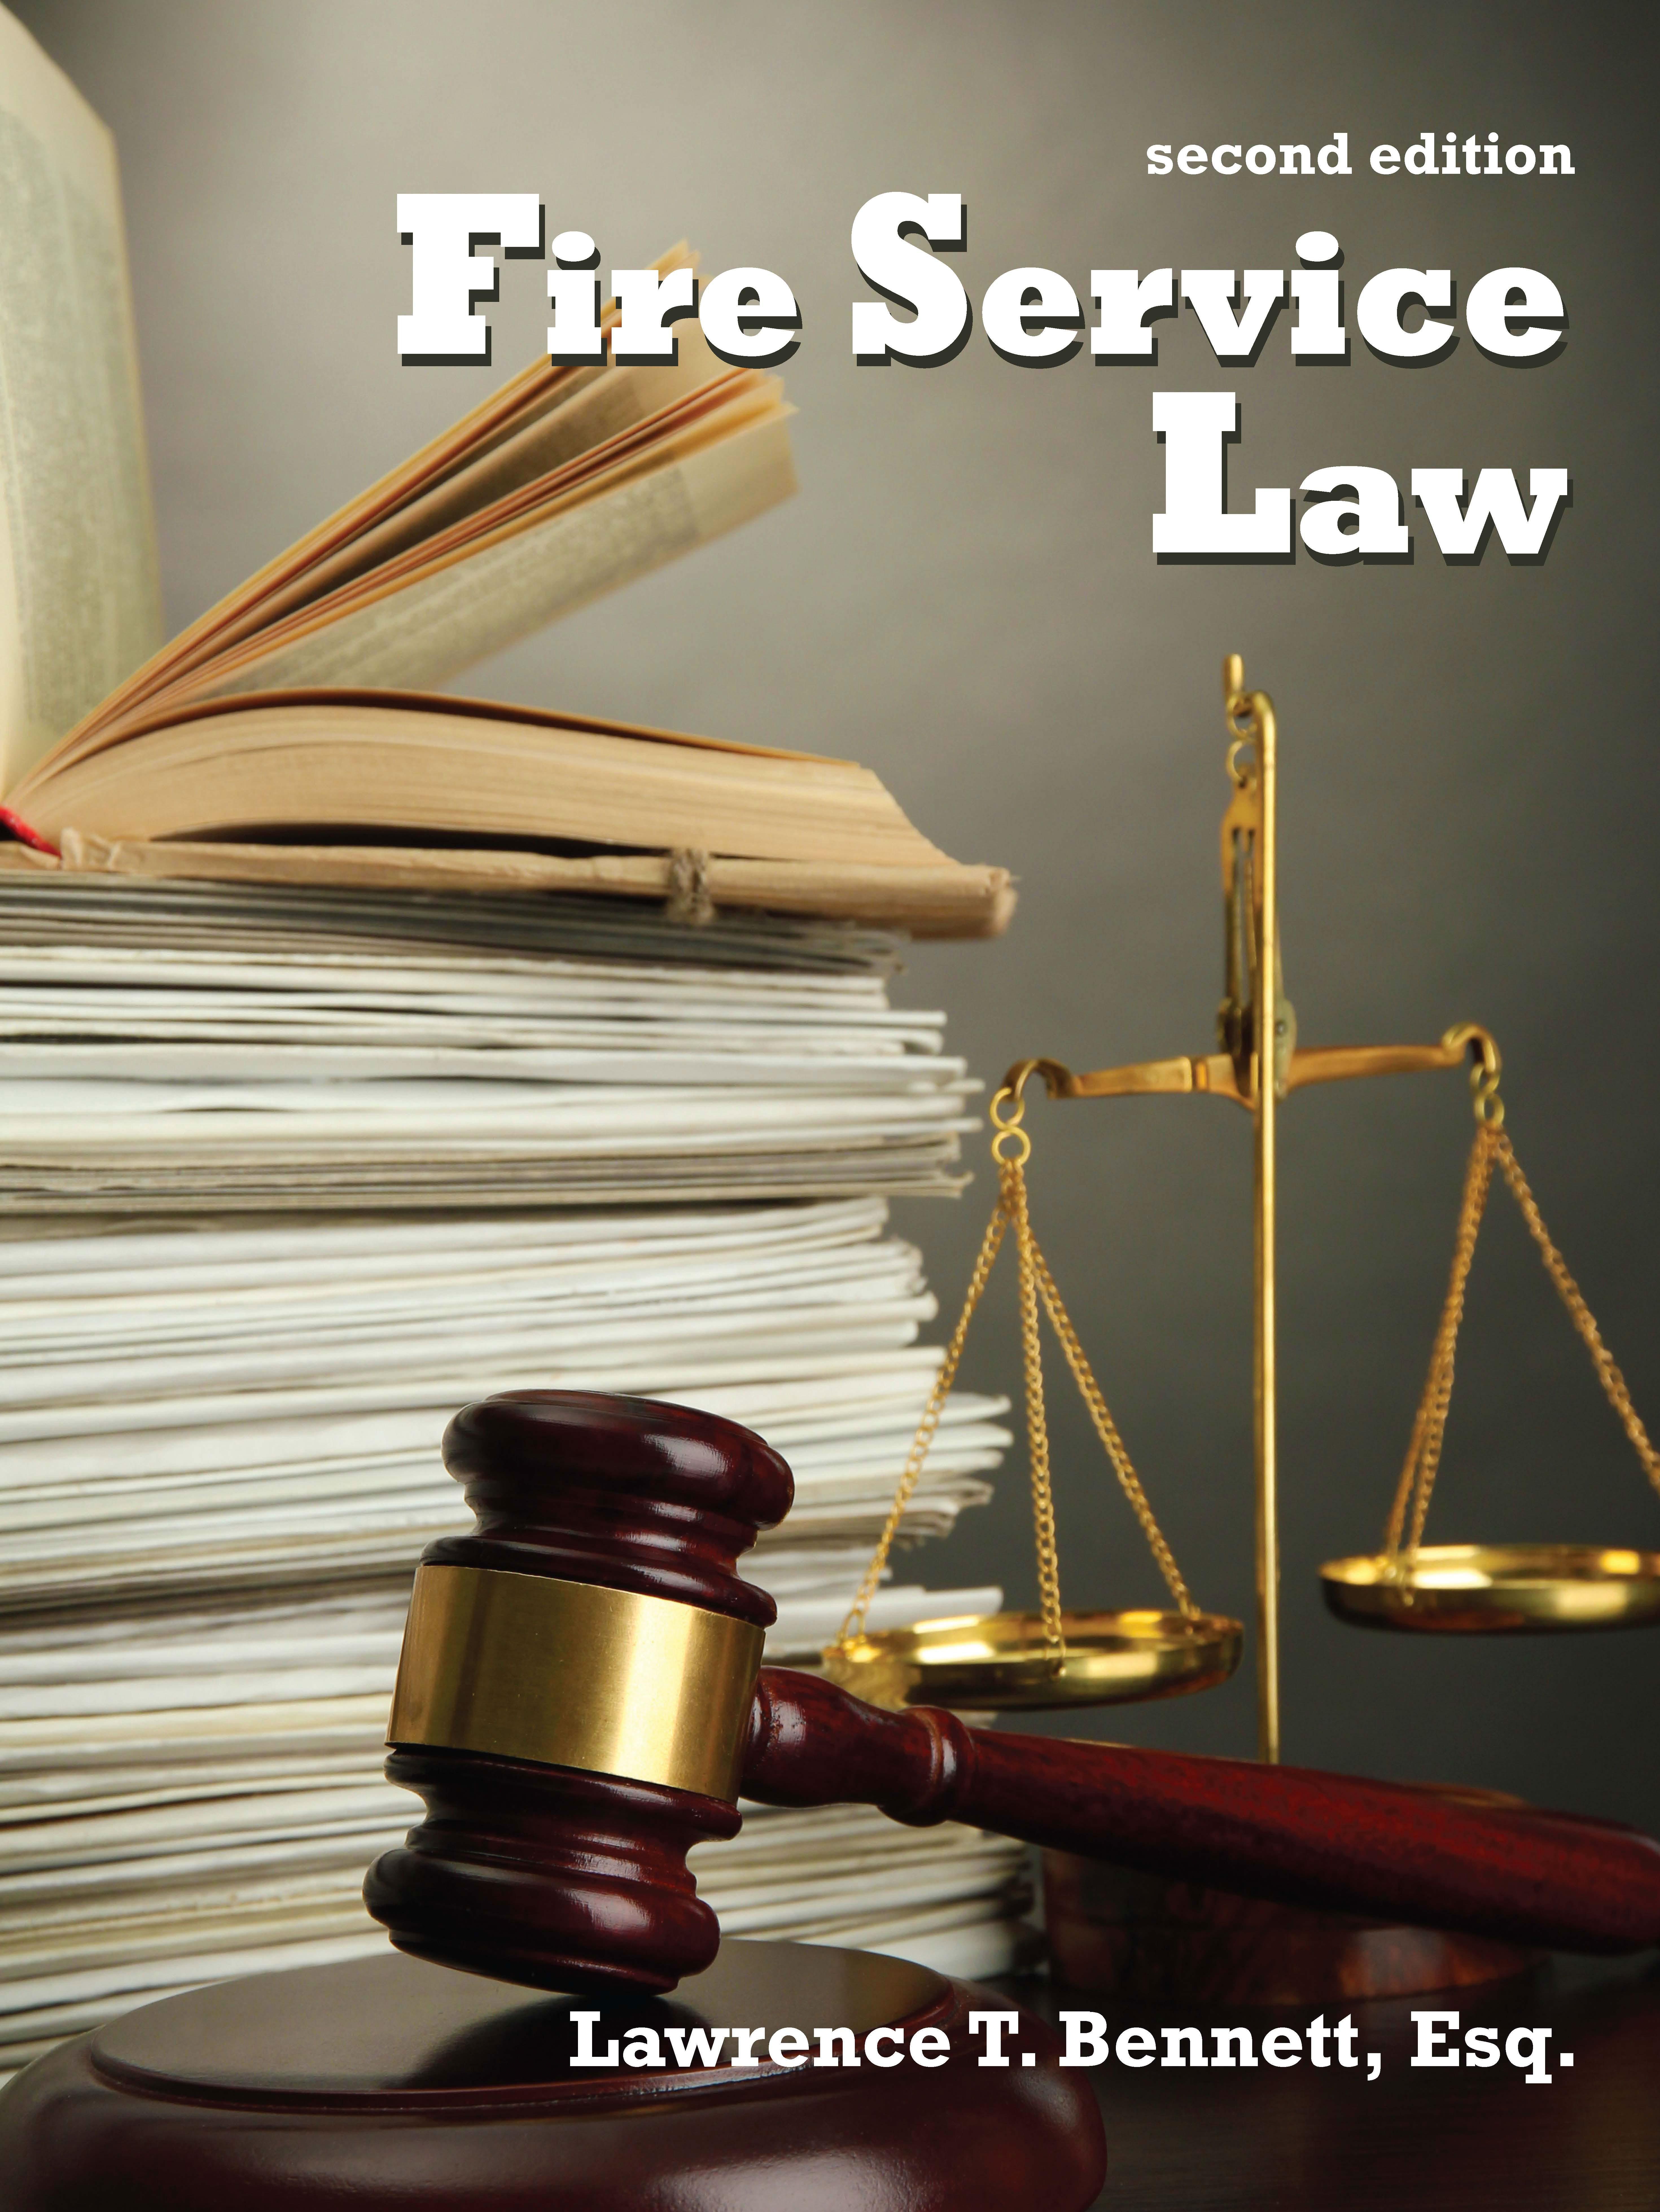 Fire Service Law:  by Lawrence T. Bennett